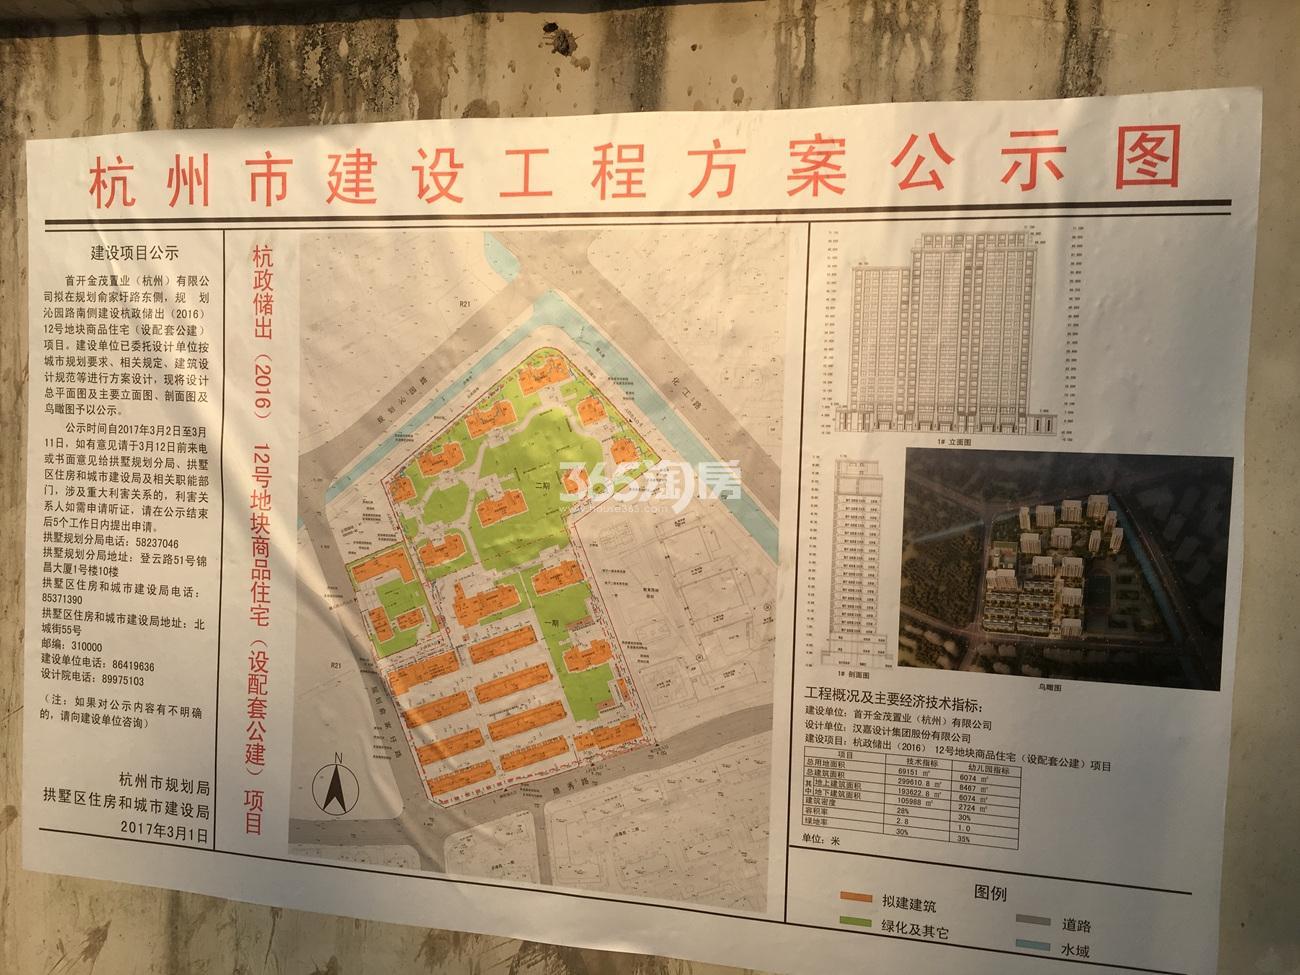 2017年3月首开杭州金茂府施工现场规划公示